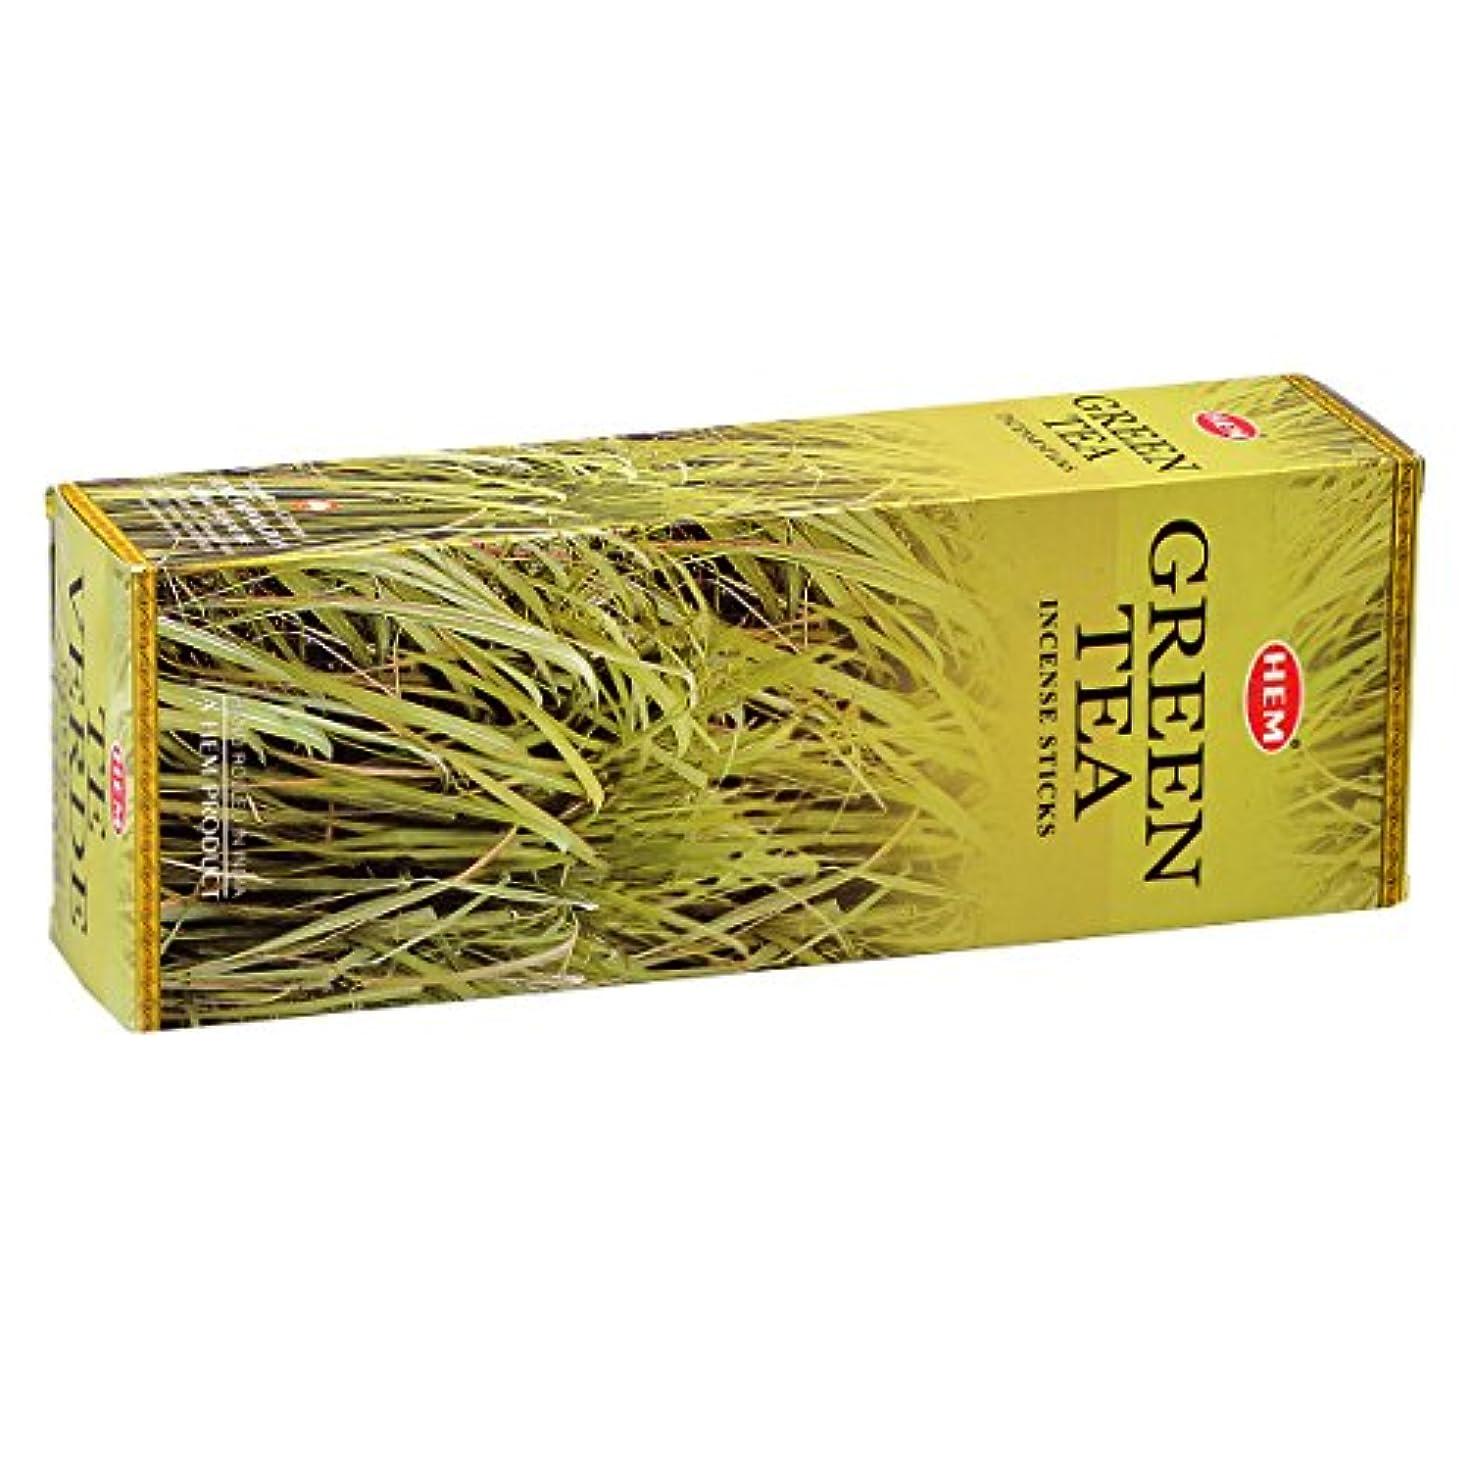 選挙受信機歯科のHEM(ヘム) グリーン ティー GREEN TEA スティックタイプ お香 6筒 セット [並行輸入品]